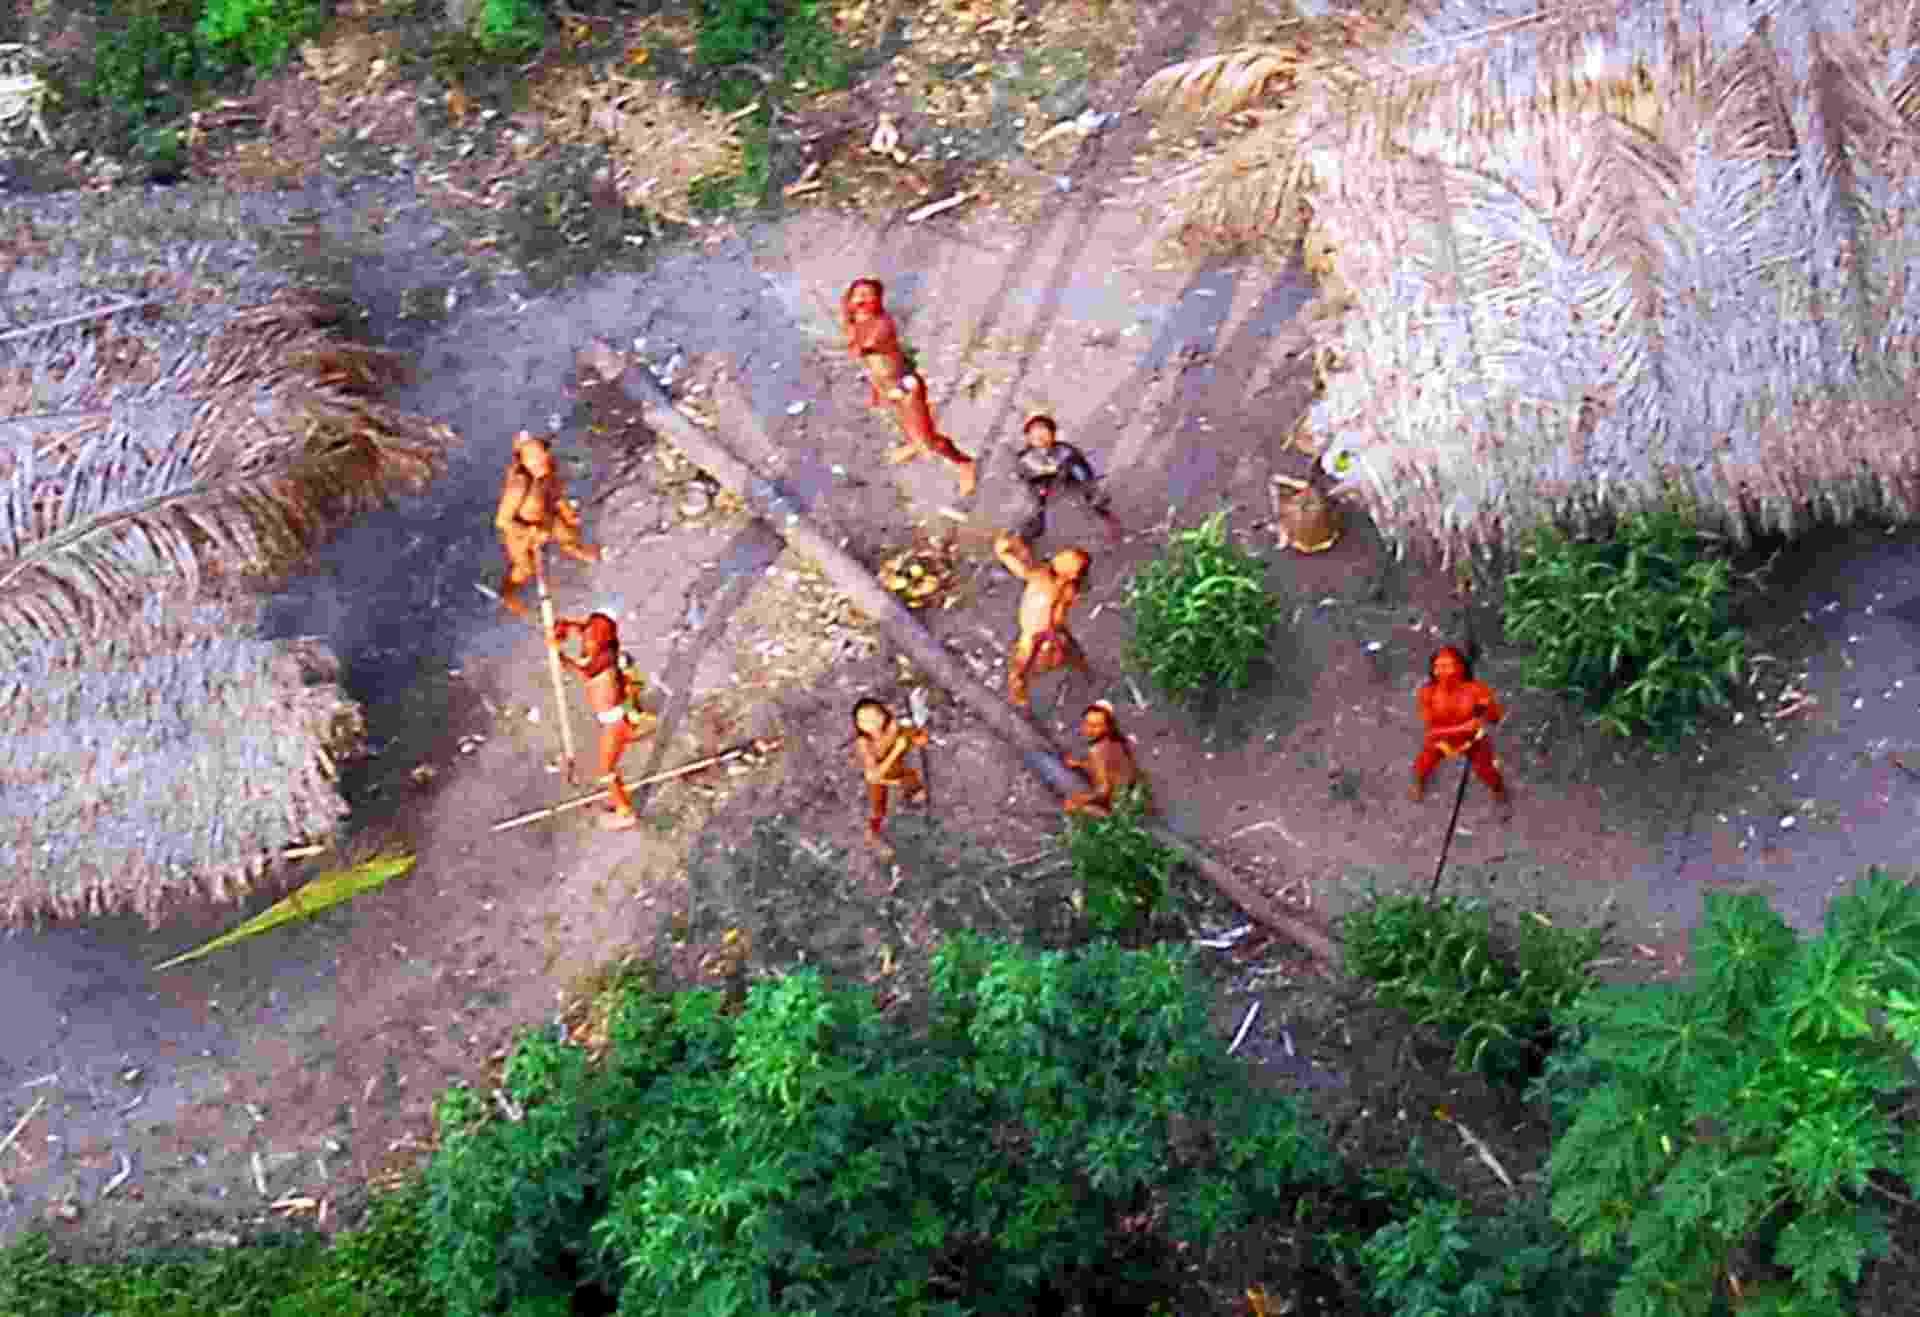 23.ago.2013 - tribos isoladas - Geison miranda/Funai/AFP